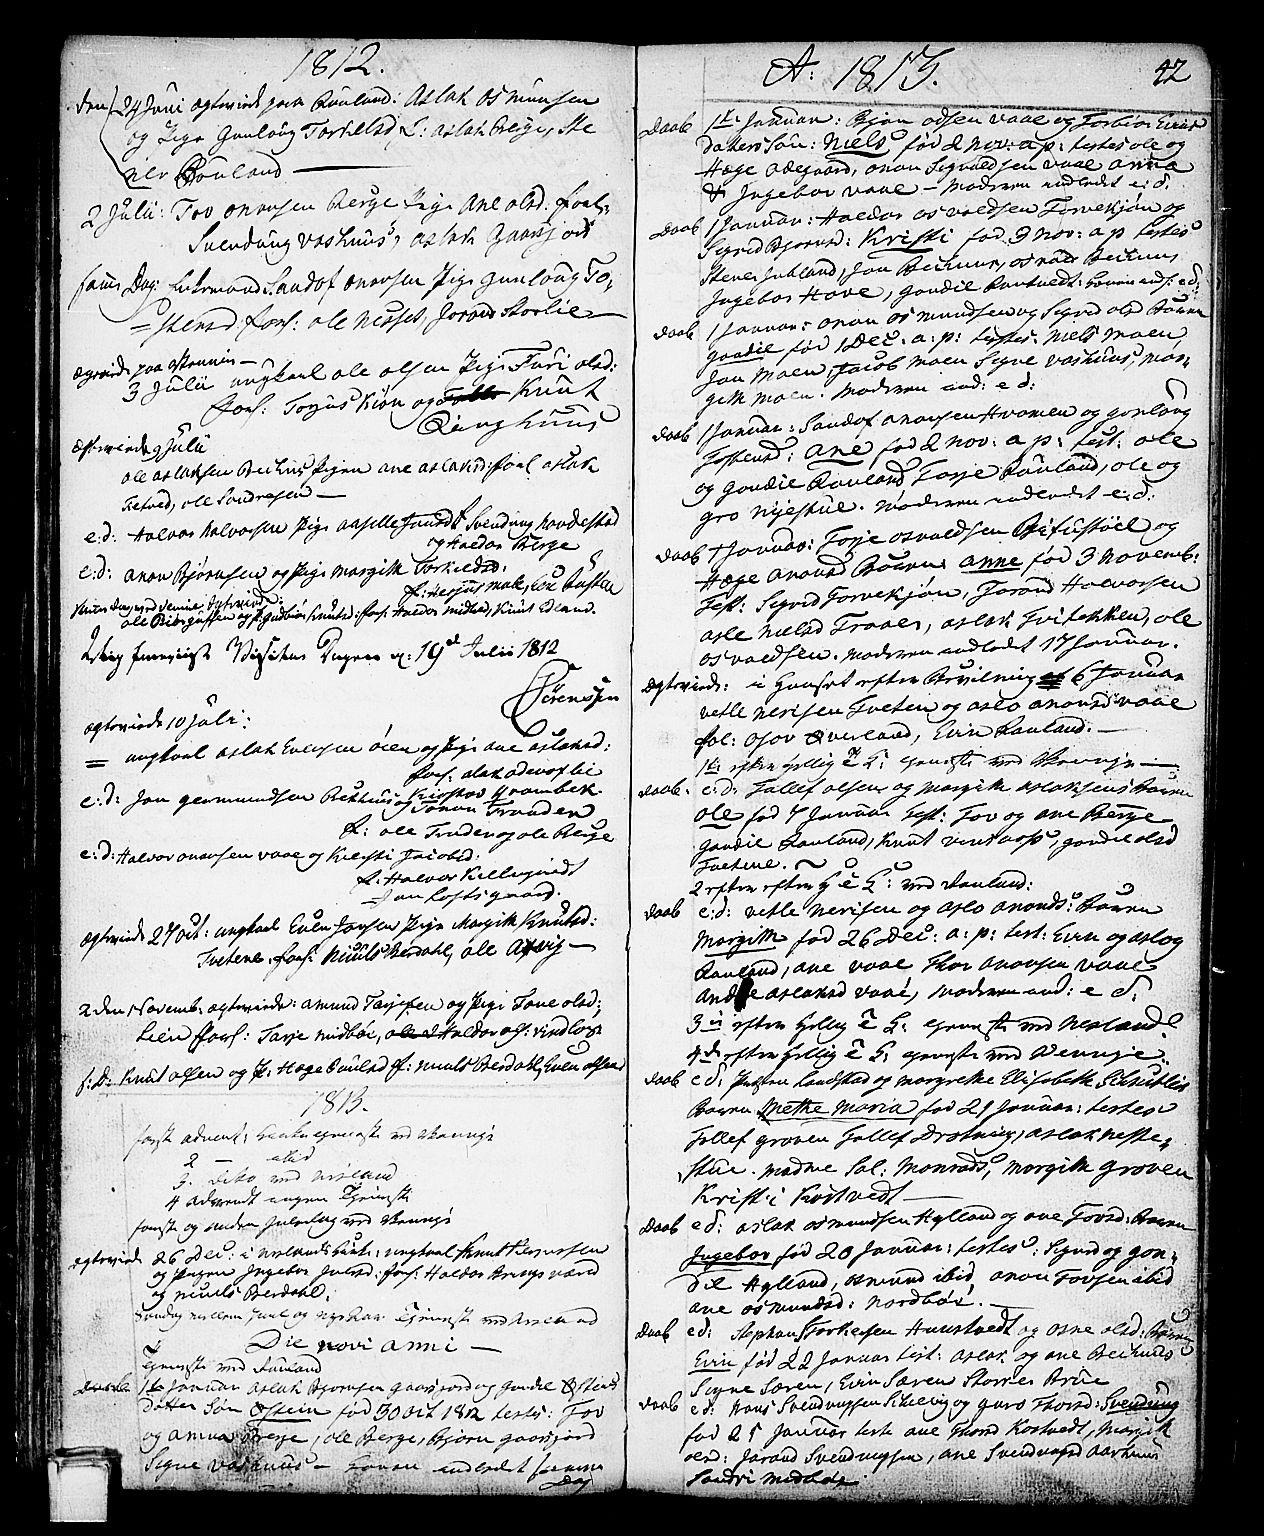 SAKO, Vinje kirkebøker, F/Fa/L0002: Ministerialbok nr. I 2, 1767-1814, s. 42